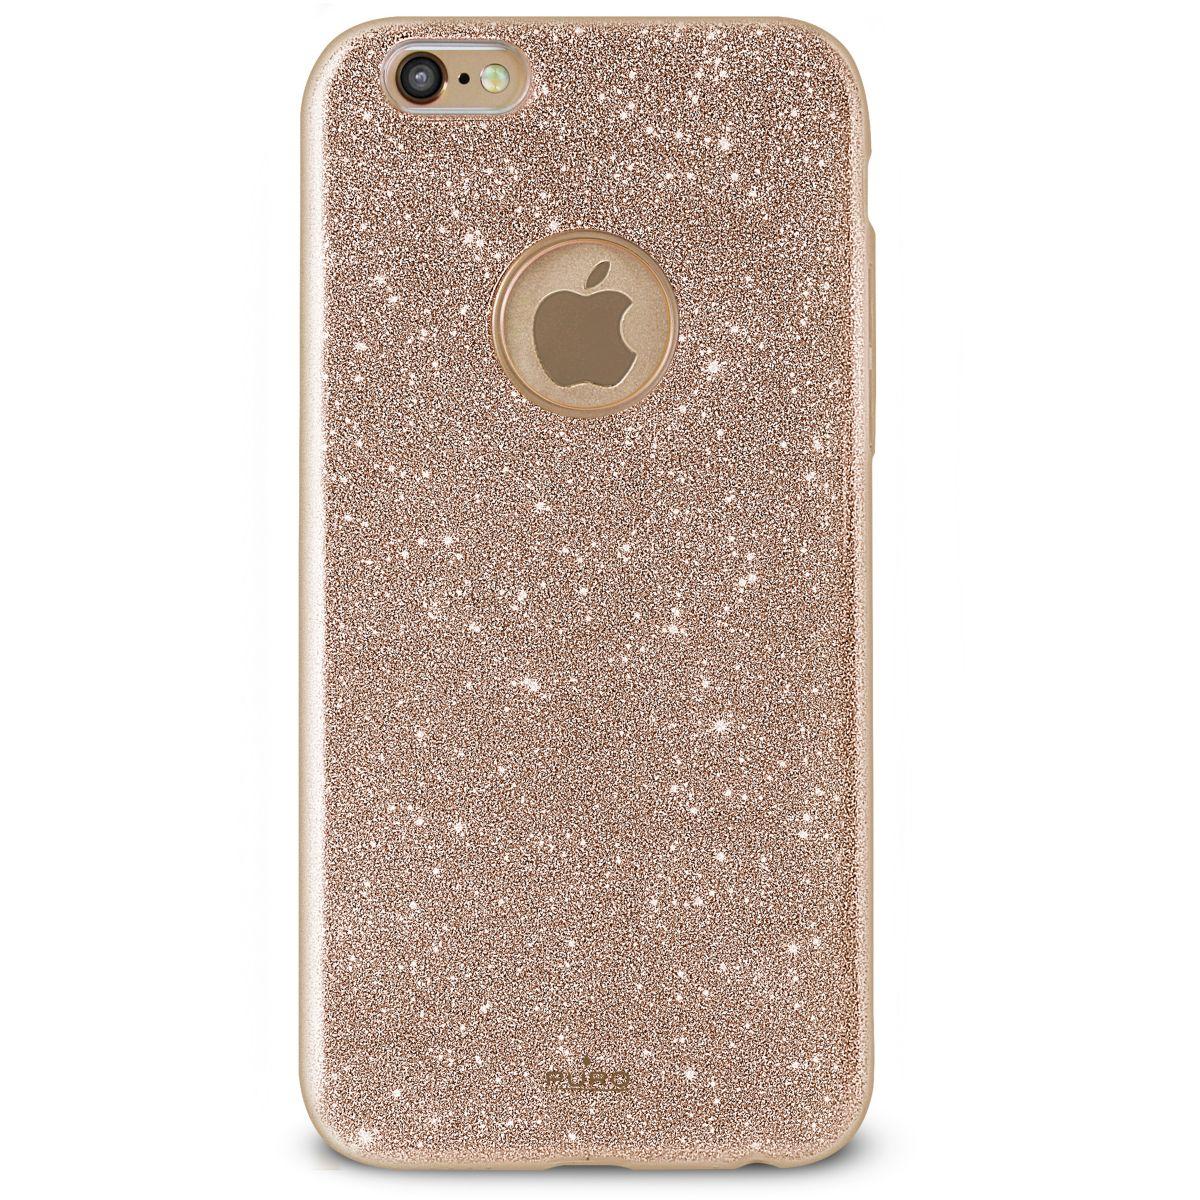 Coque PURO iPhone 7/8 pailleté doré